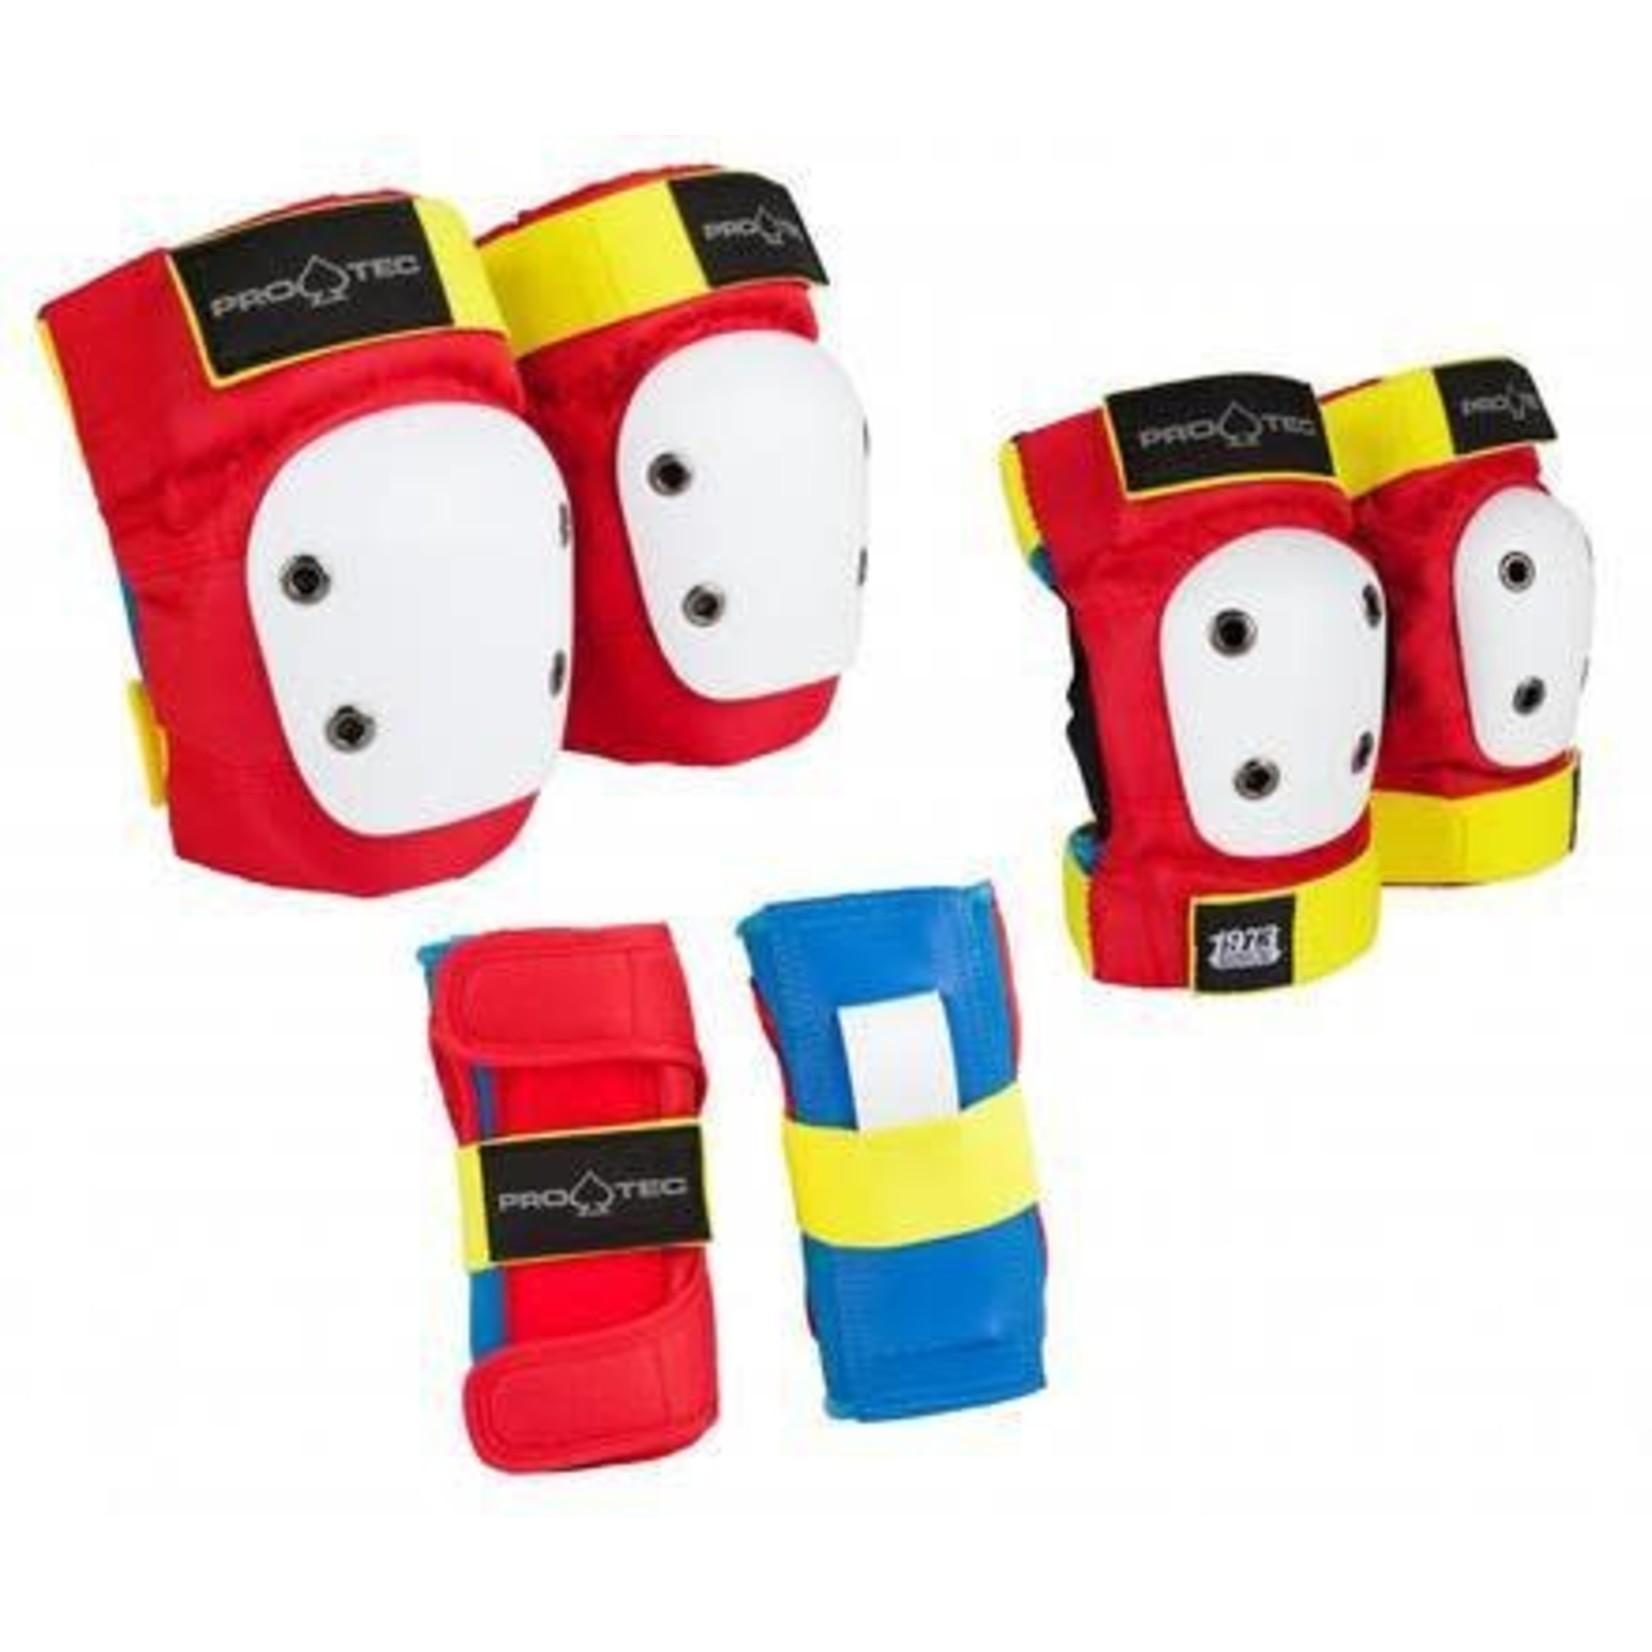 Pro-Tec Pro-Tec - Junior 3 Pack (Knee/Elbow/Wrist),